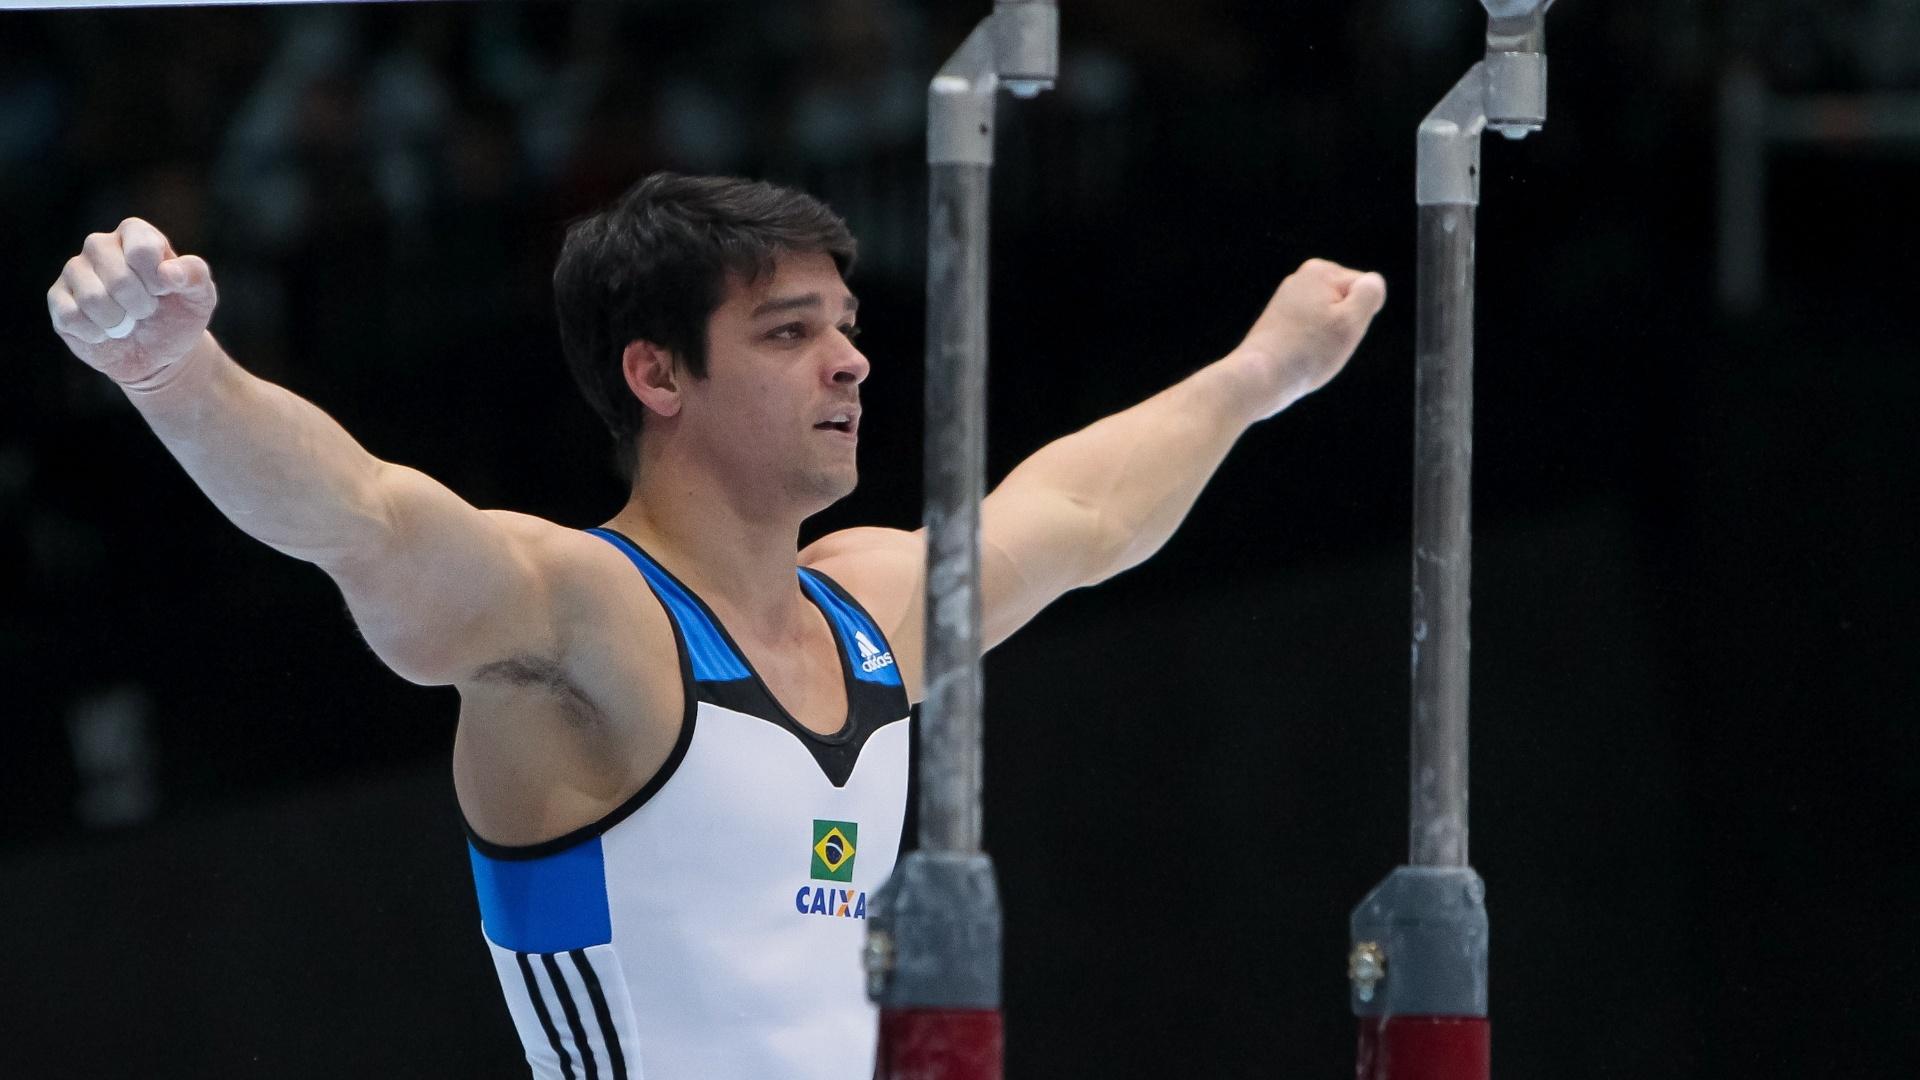 01.10.2013 - Francisco Barreto completa sua apresentação nas barras nas eliminatórias do Mundial da Antuérpia